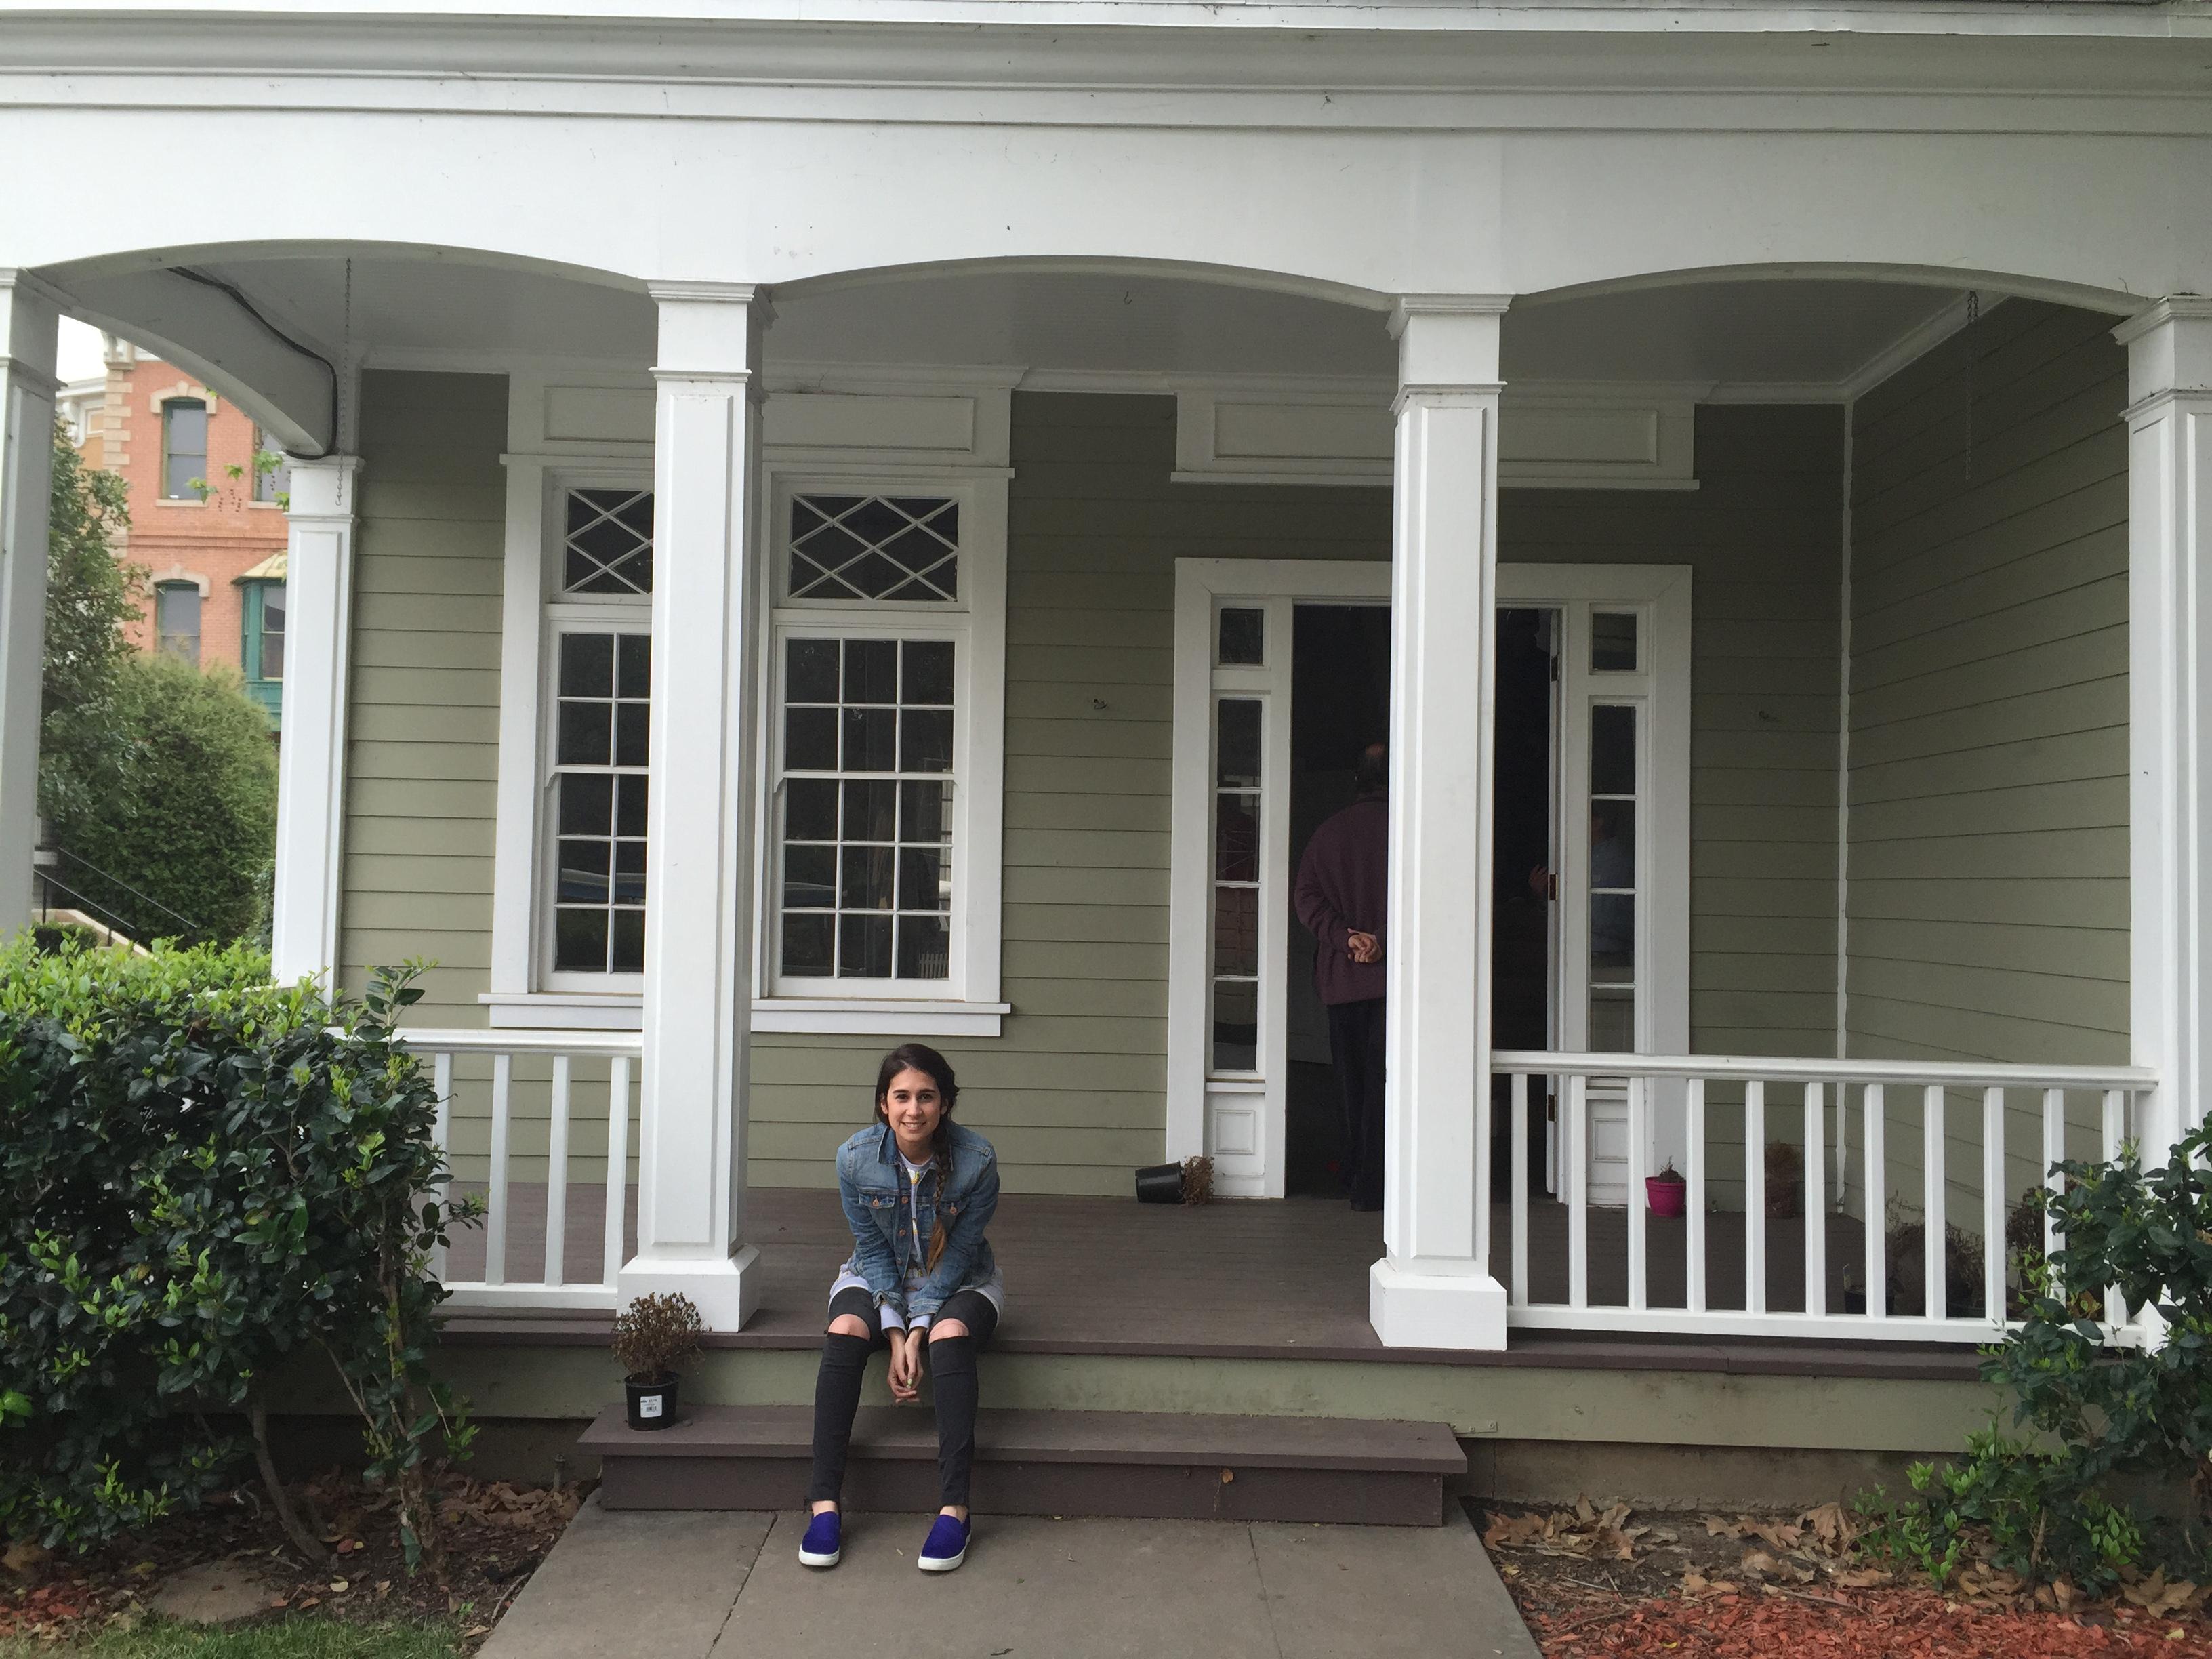 La casa de Emily. La amé... hay muhas escenas en las que Emily se sienta en la puerta.